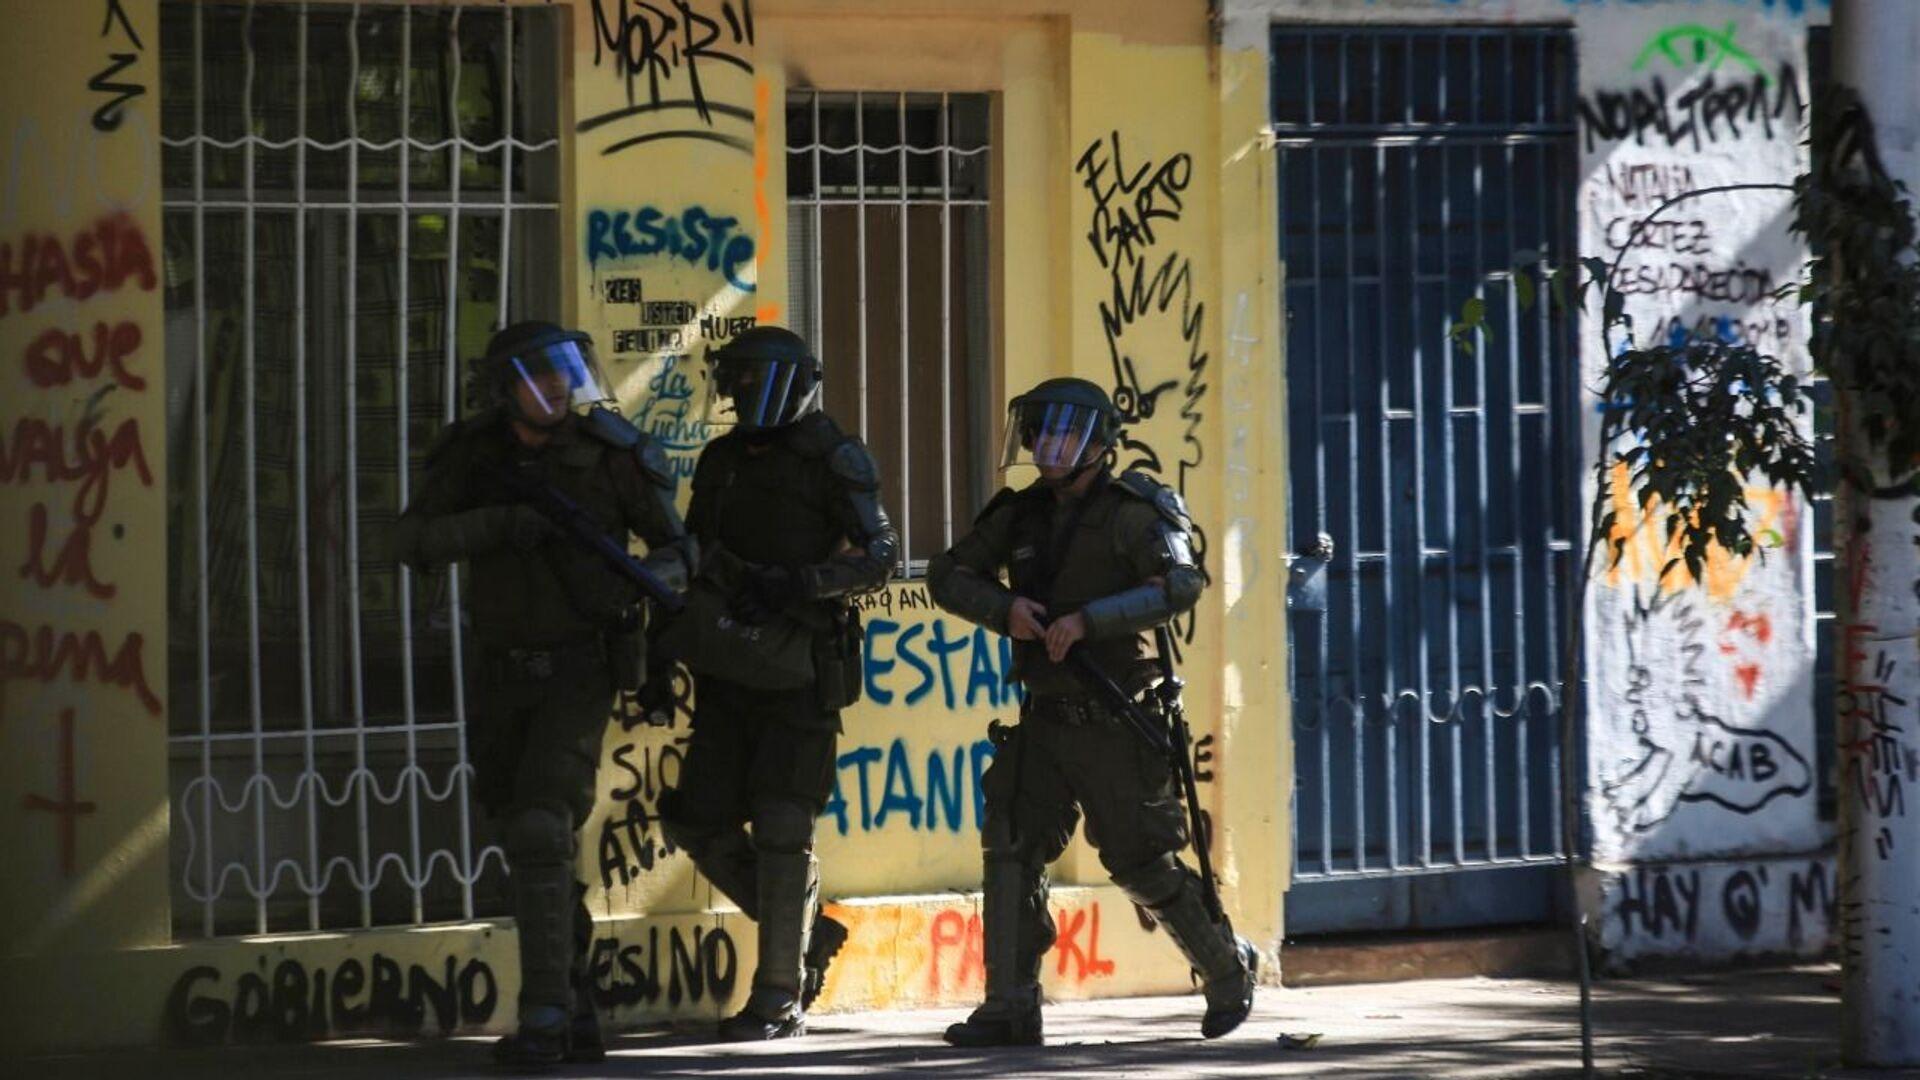 Carabineros de Chile disparan hacia los manifestantes - Sputnik Mundo, 1920, 01.07.2021